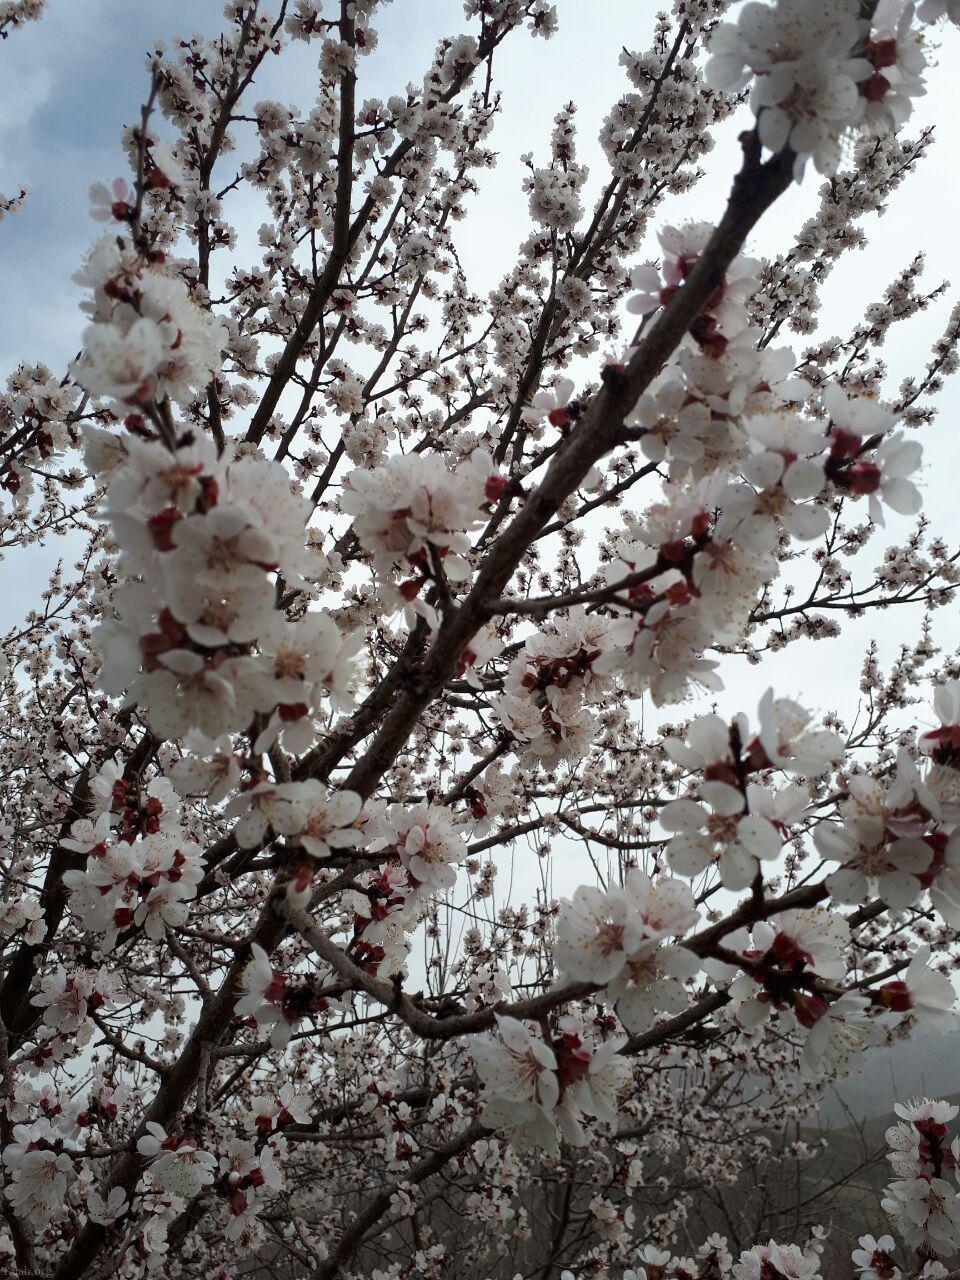 اشعار زیبای بهار | شعر کوتاه بهار | شعرهای عاشقانه بهاری